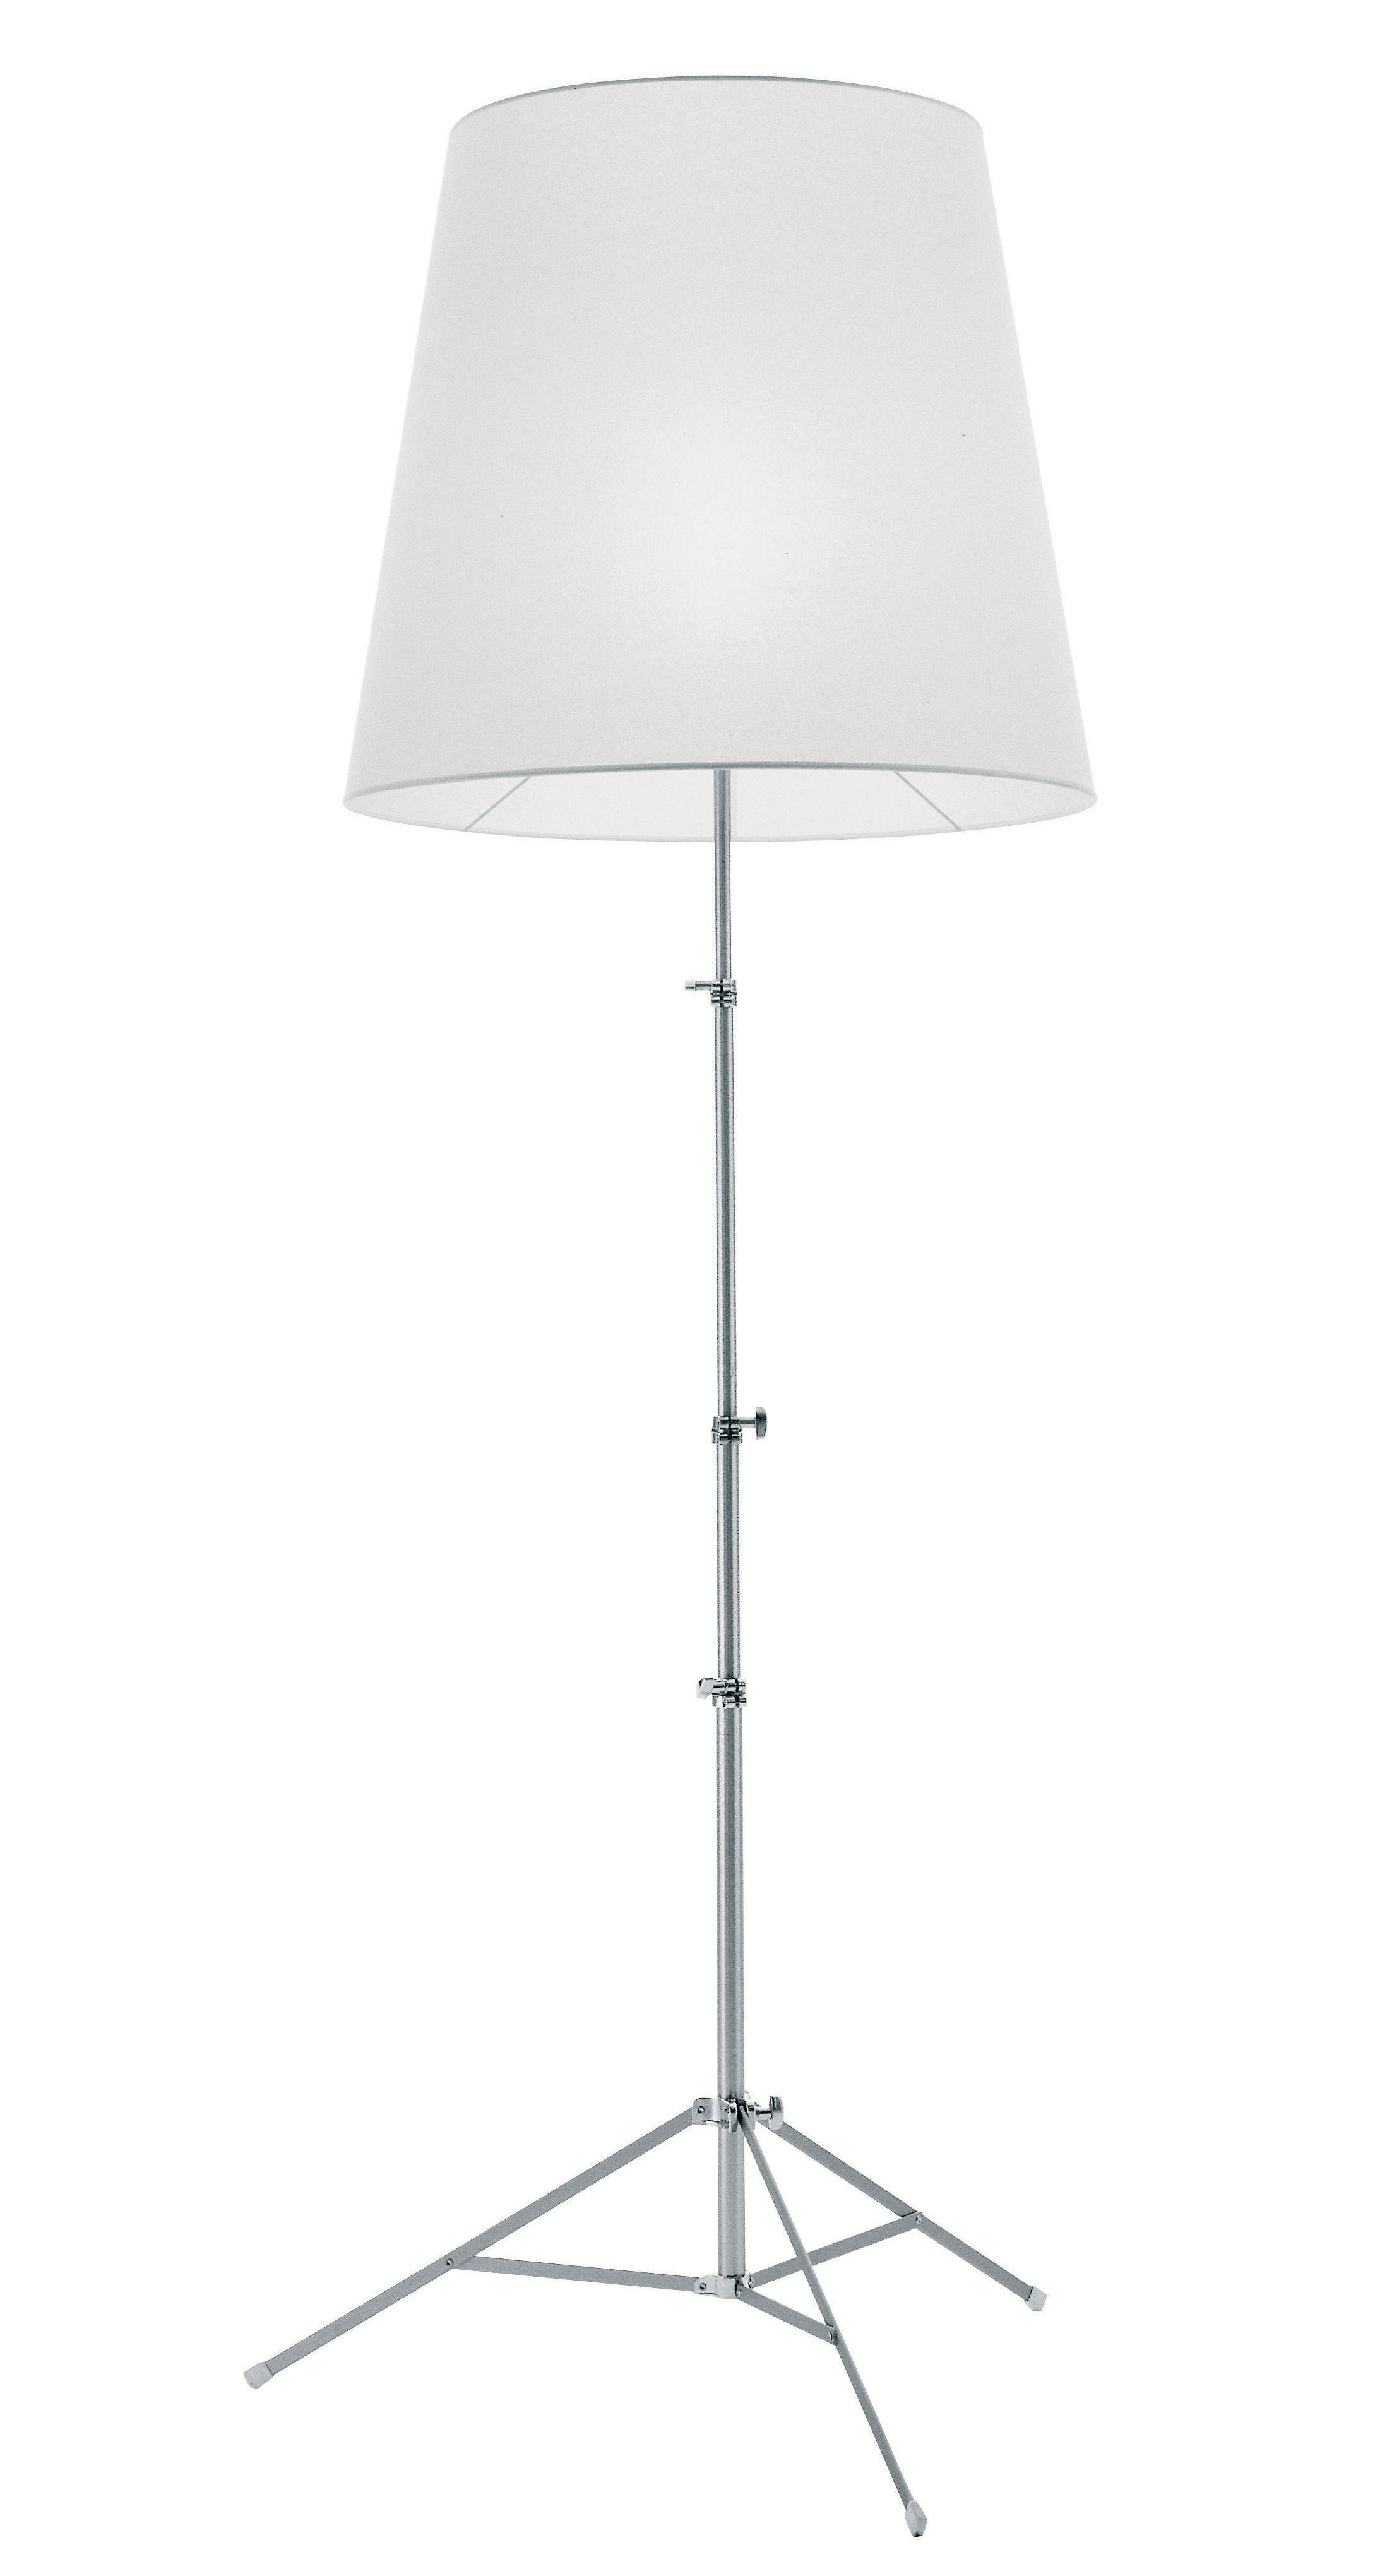 Illuminazione - Lampade da terra - Lampada a stelo Gilda di Pallucco - Bianco - Pergamena sintetica - Alluminio anodizzato, Carta pergamena sintetica